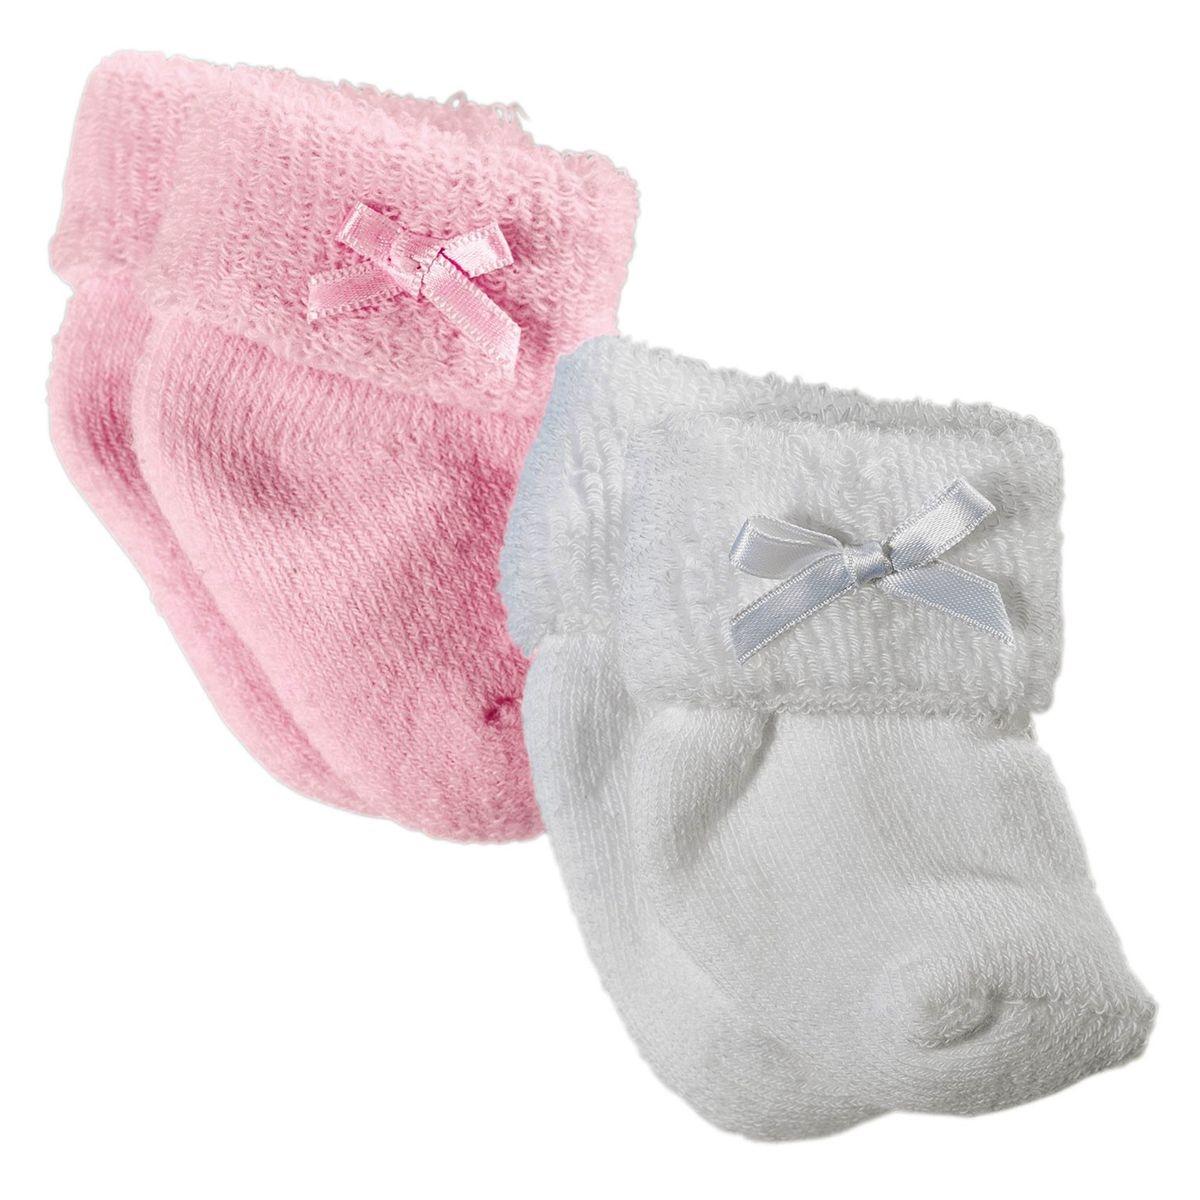 Chaussettes roses et blanches pour poupon de 30 à 46 cm